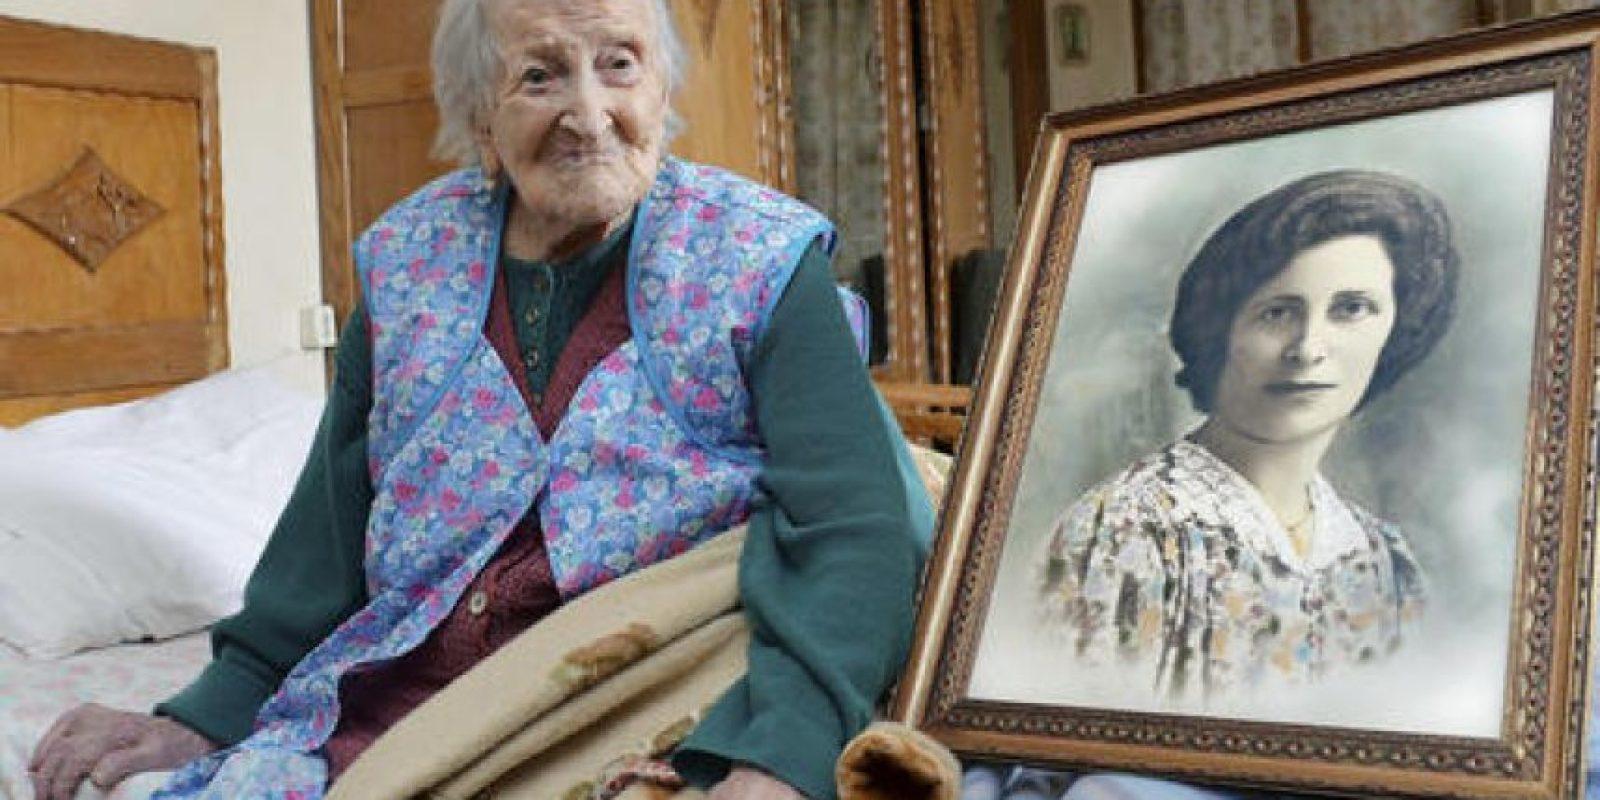 Emma Morano, nació el 29 de noviembre de 1899. Foto:AP. Imagen Por: